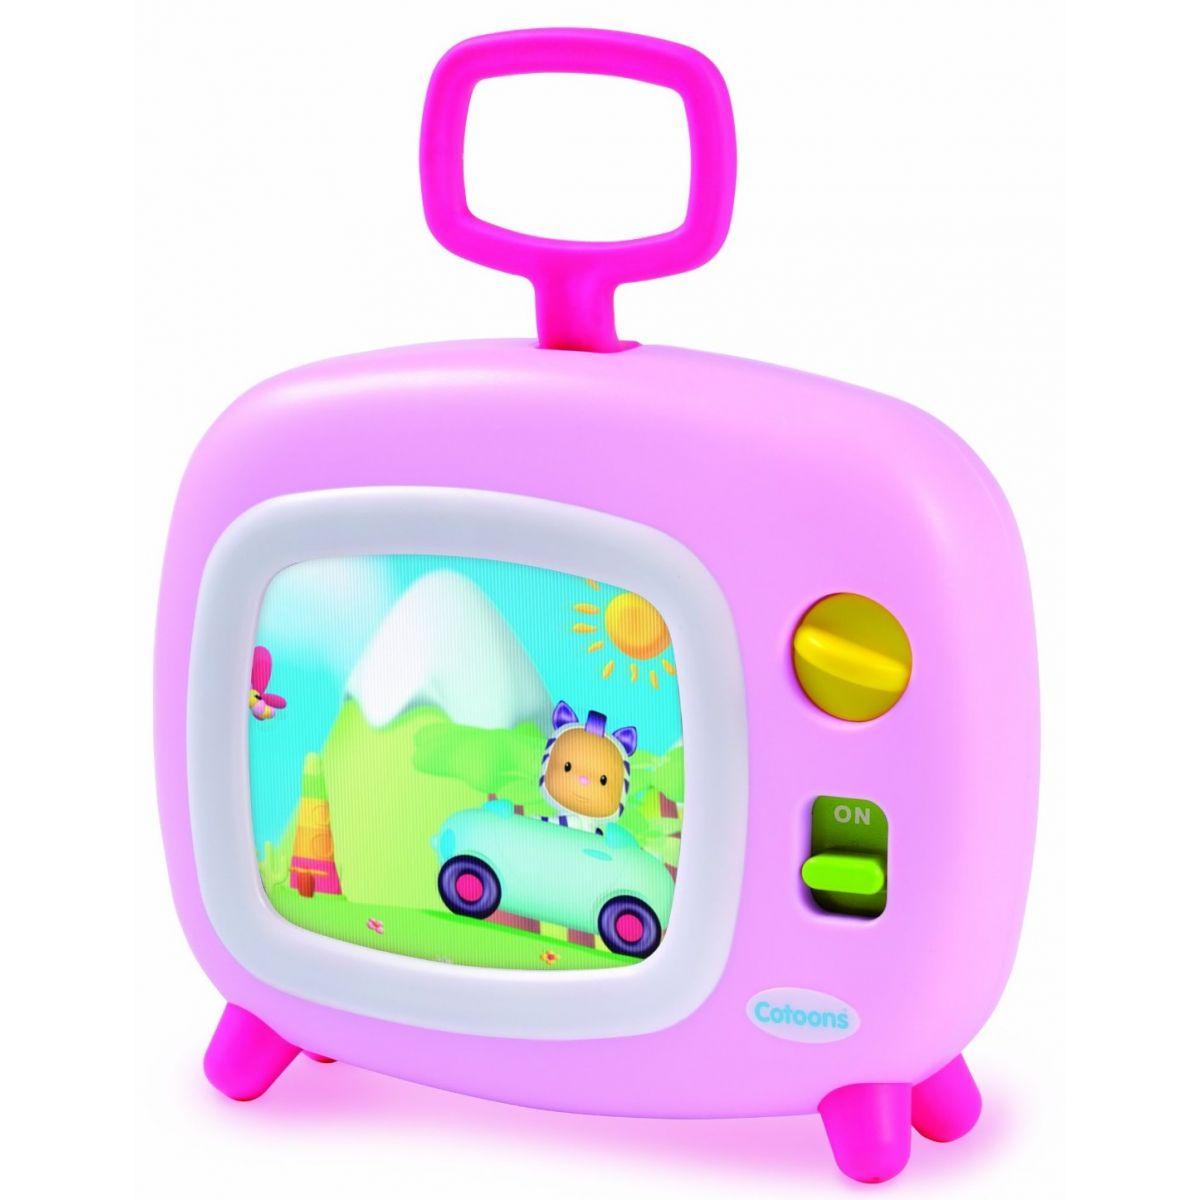 Smoby 211316-1 ružová farebný televízor Cotoons s hudbou pre kojencov